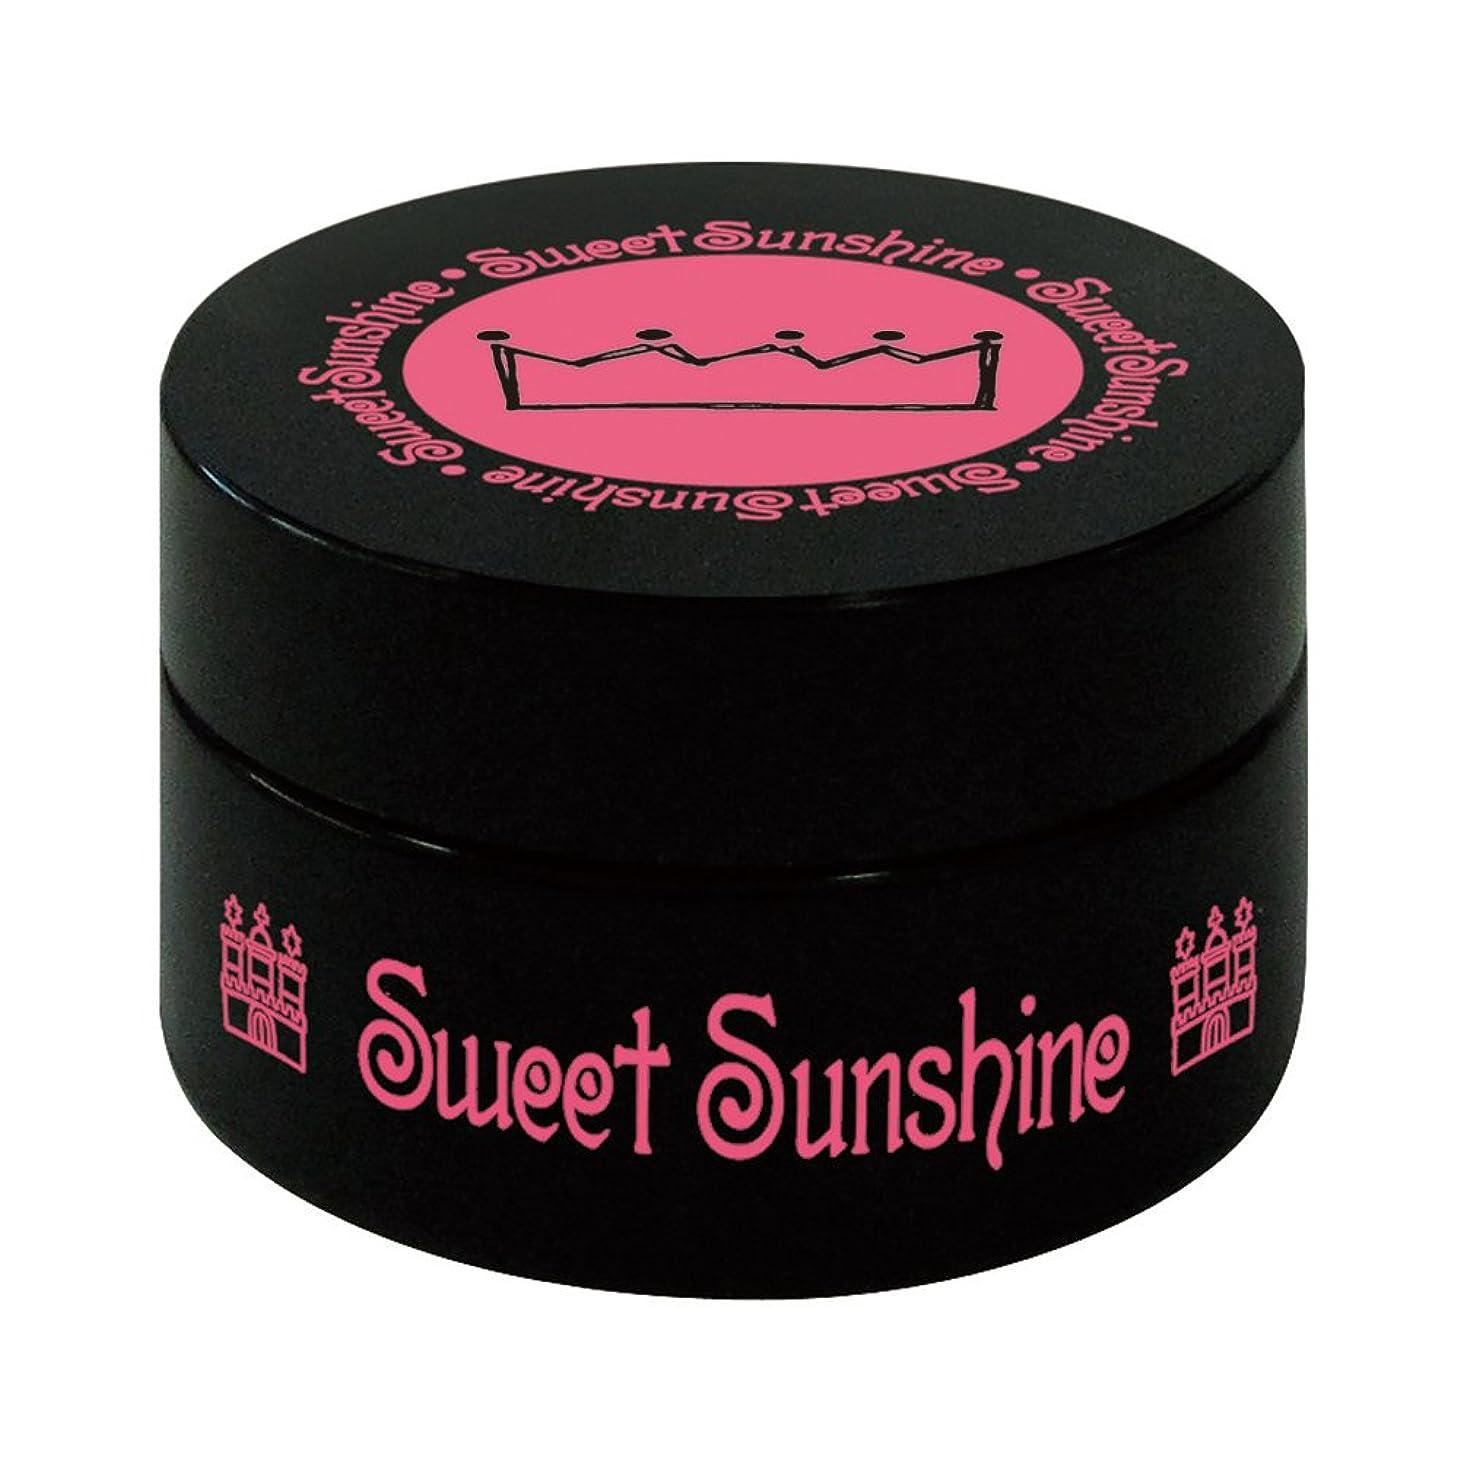 リア王母音偽物Sweet Sunshine カラージェル 4g RSC- 8 プリンセスオランジェ マット UV/LED対応